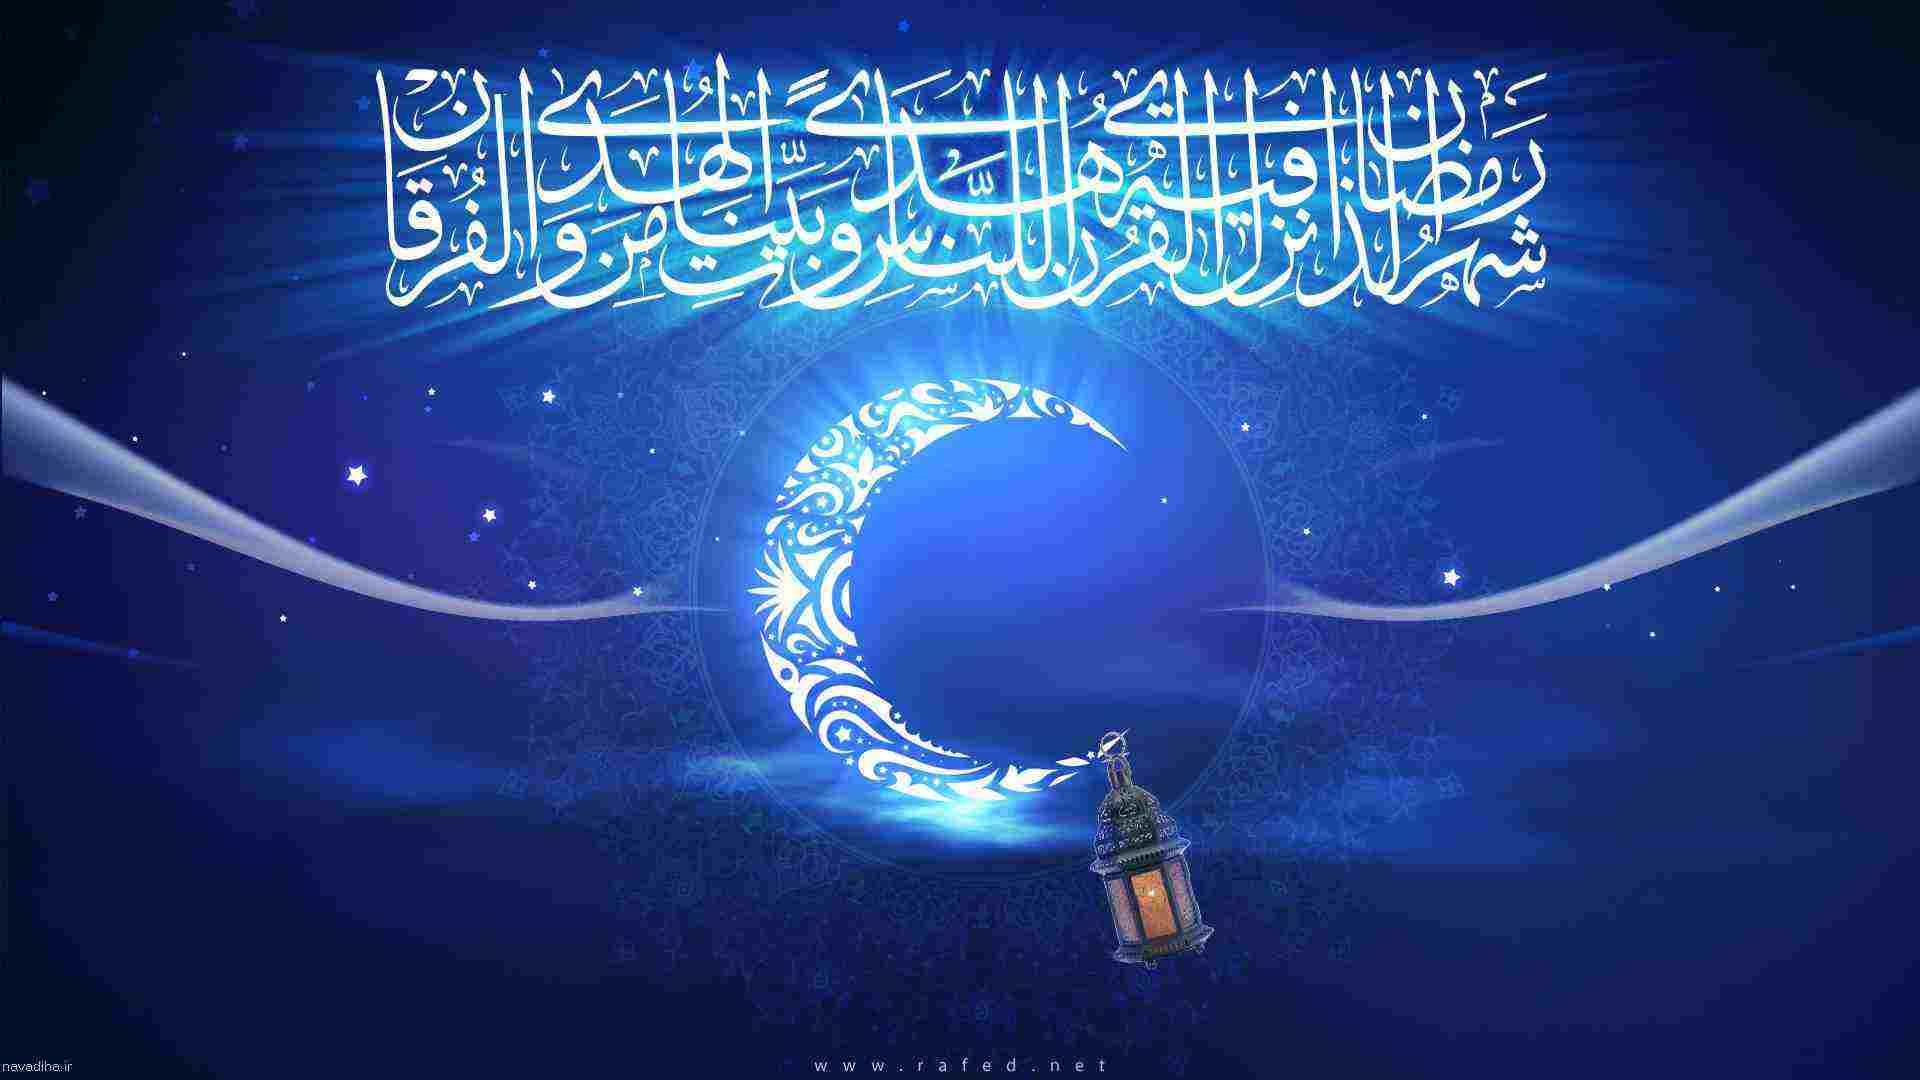 دانلود دعای سحر ویژه ماه مبارک رمضان + شبکه سه + سید قاسم موسوی قهار